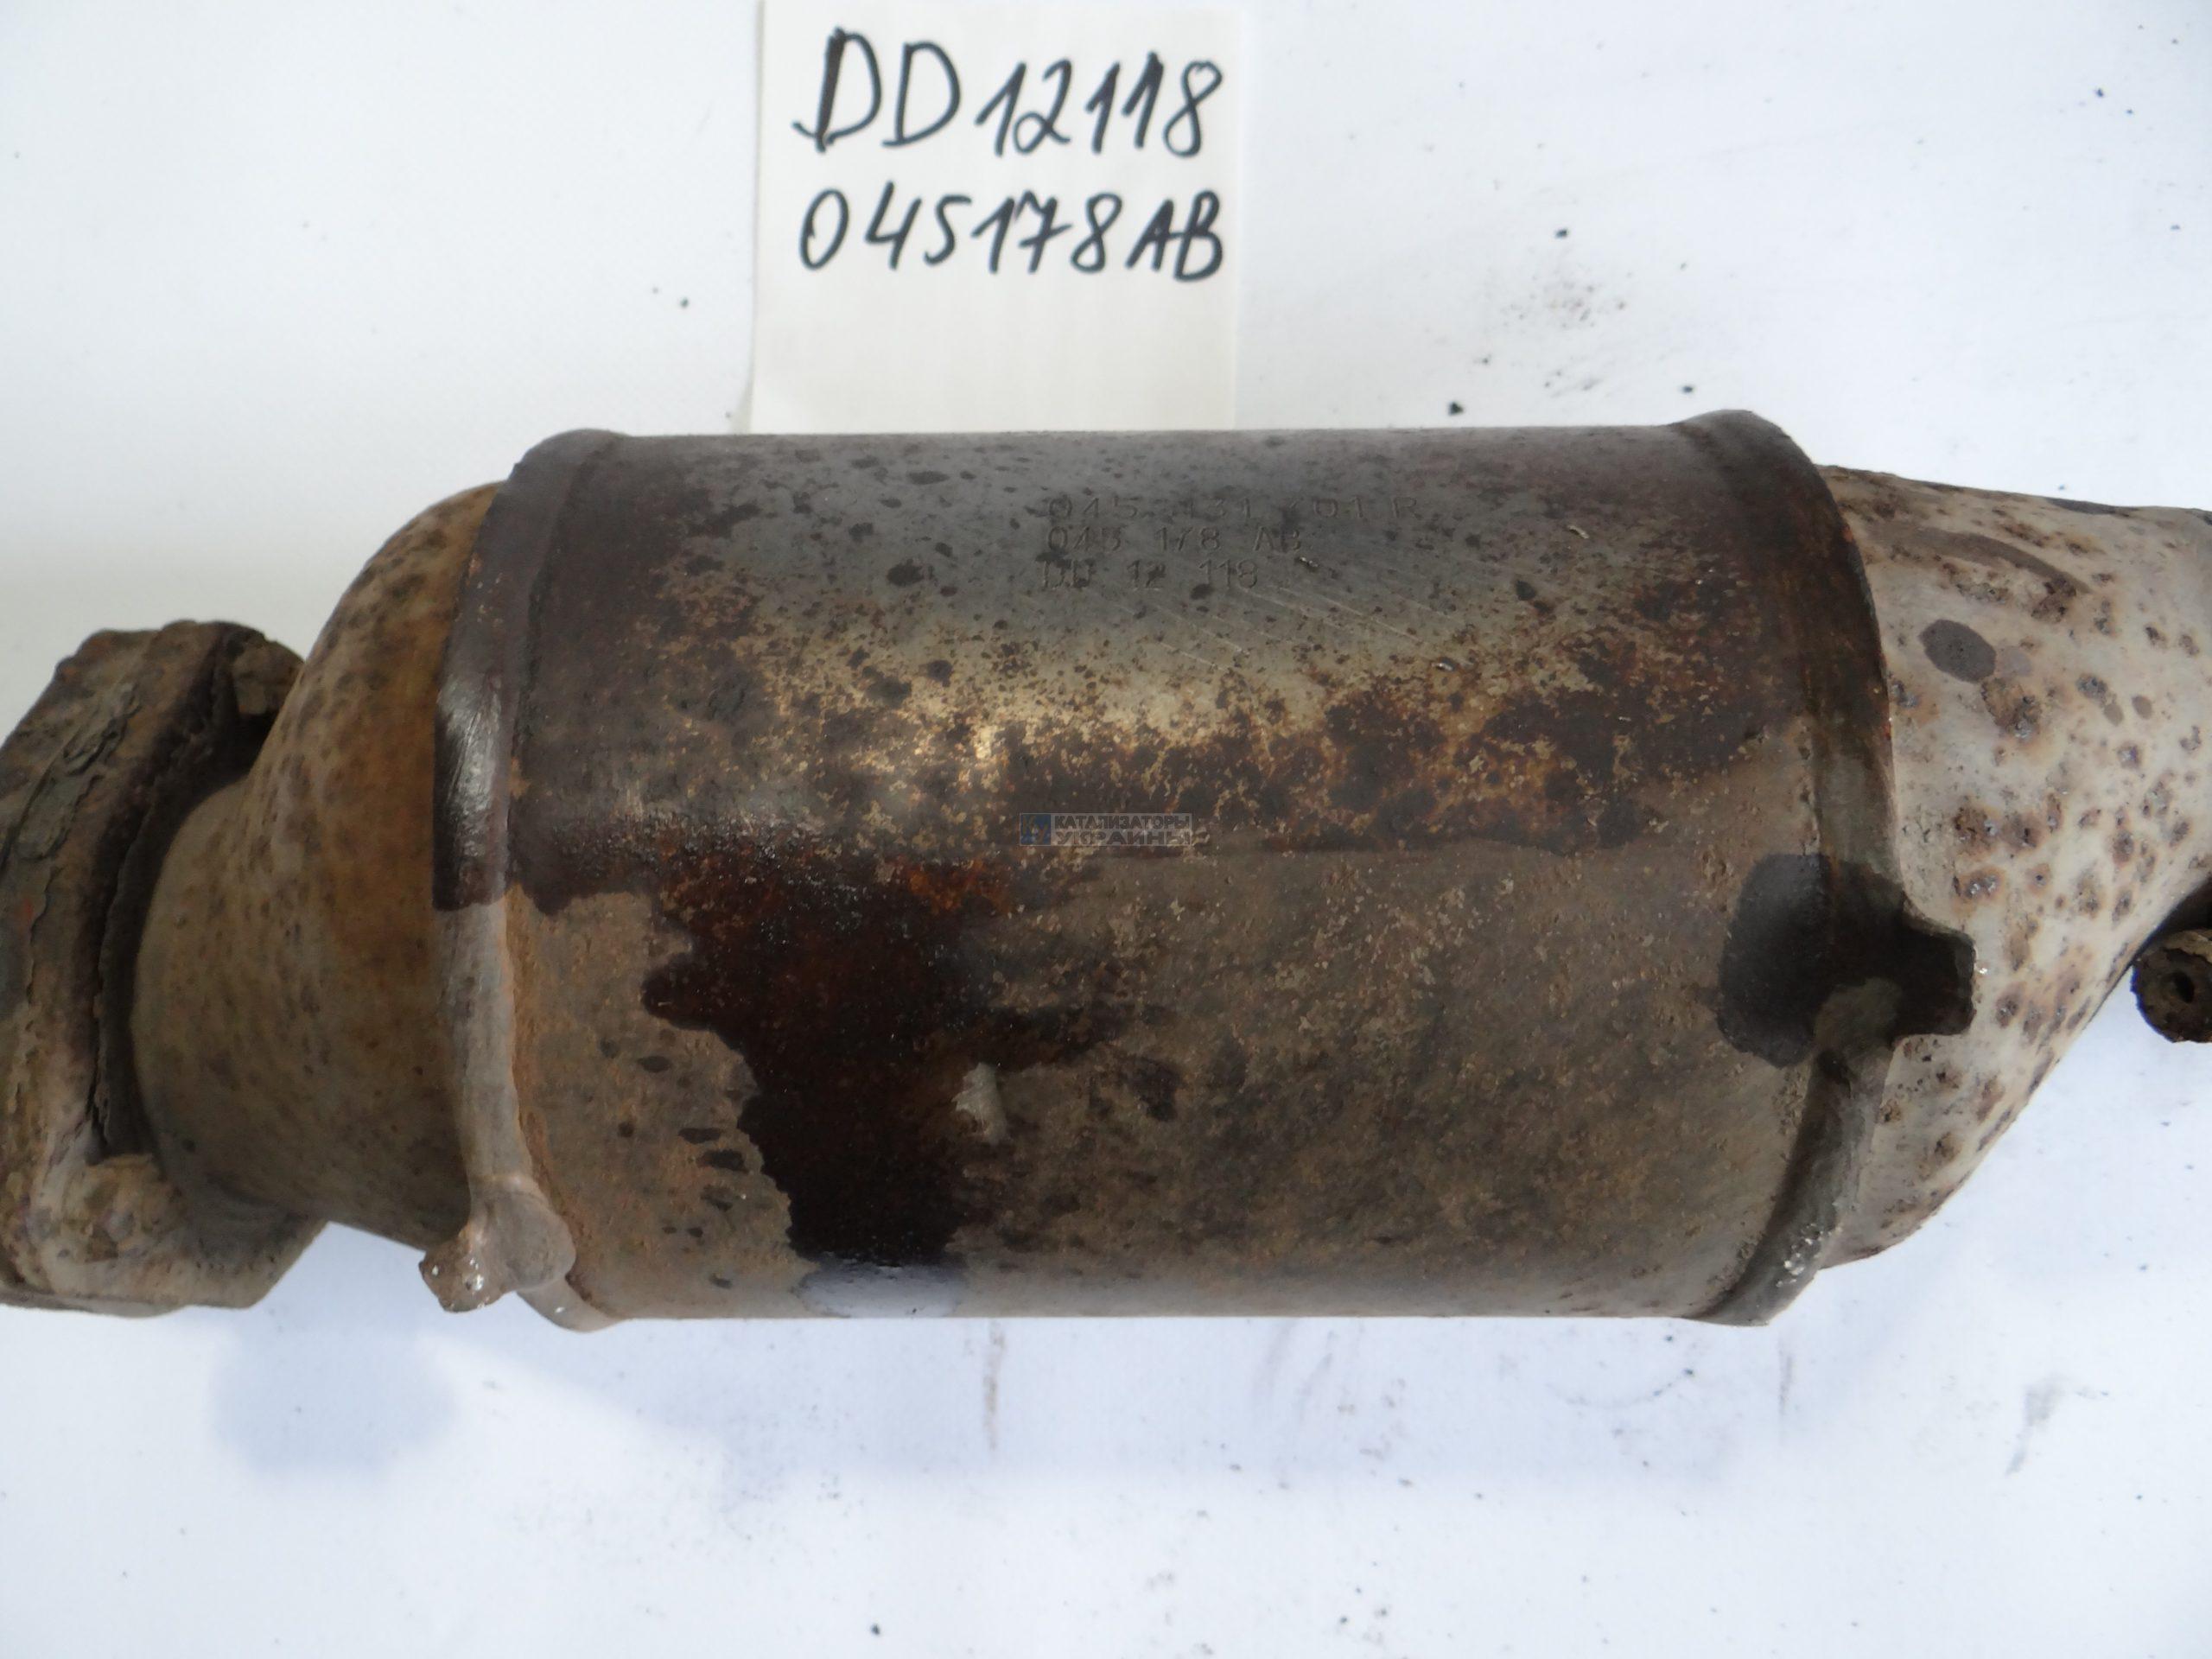 Скупка и выкуп БУ катализаторов — маркировка: DD12118, 045178AB